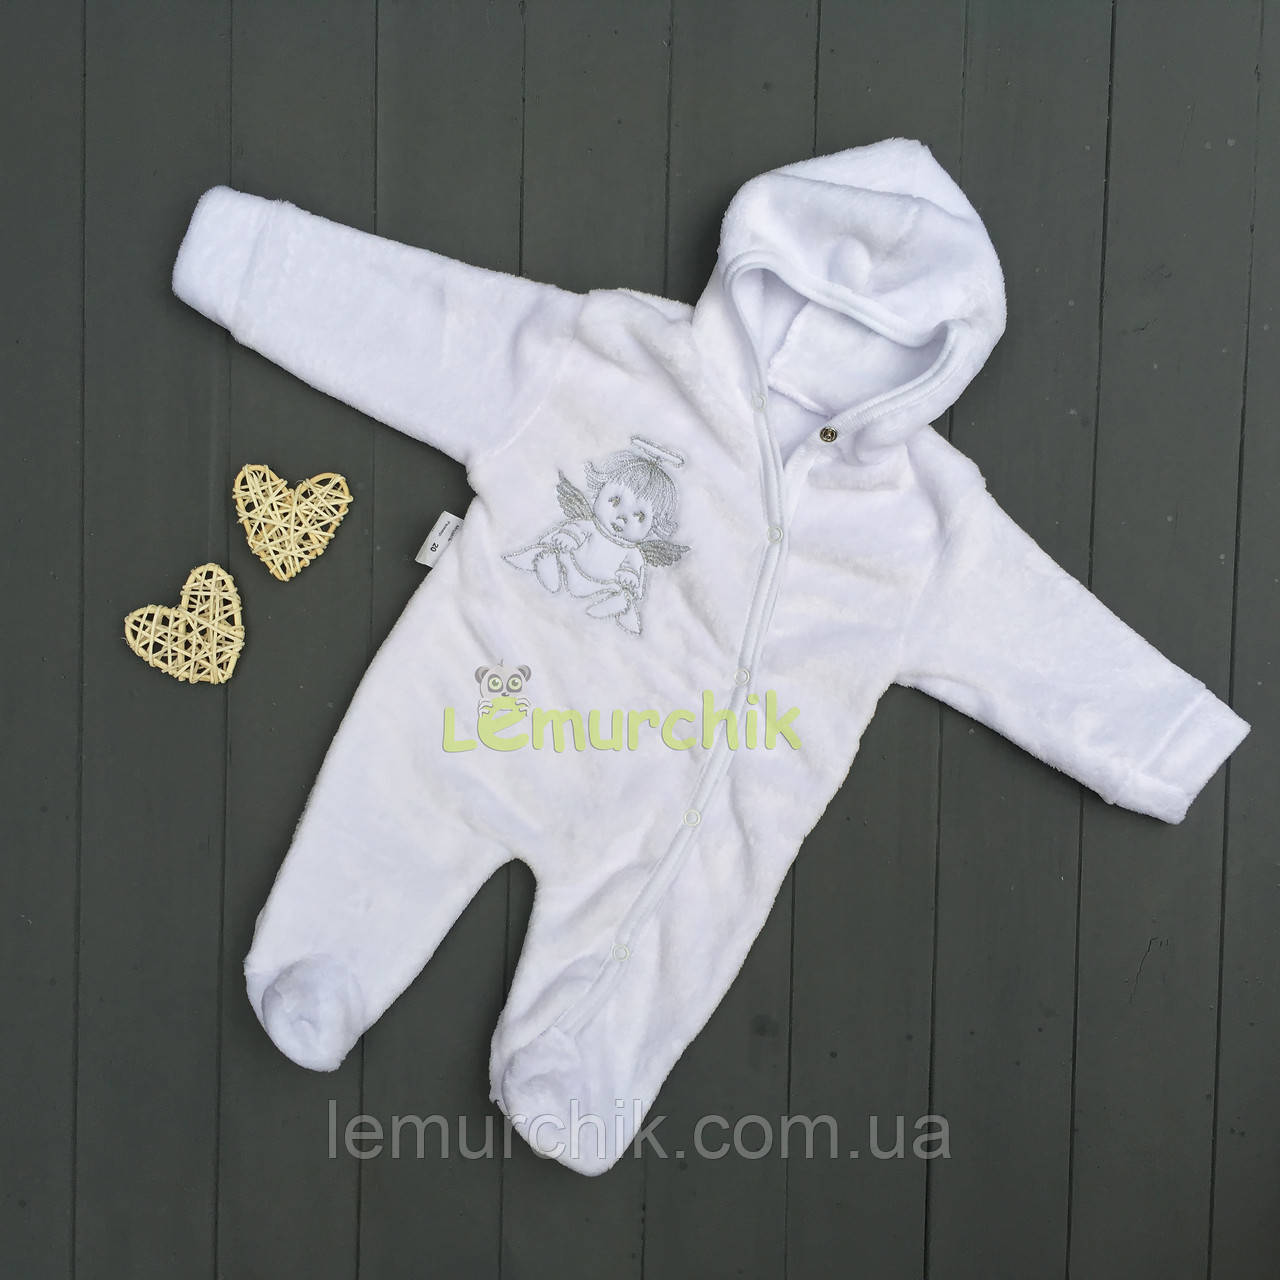 Человечек для новорожденного белый махра, 0-3 месяца